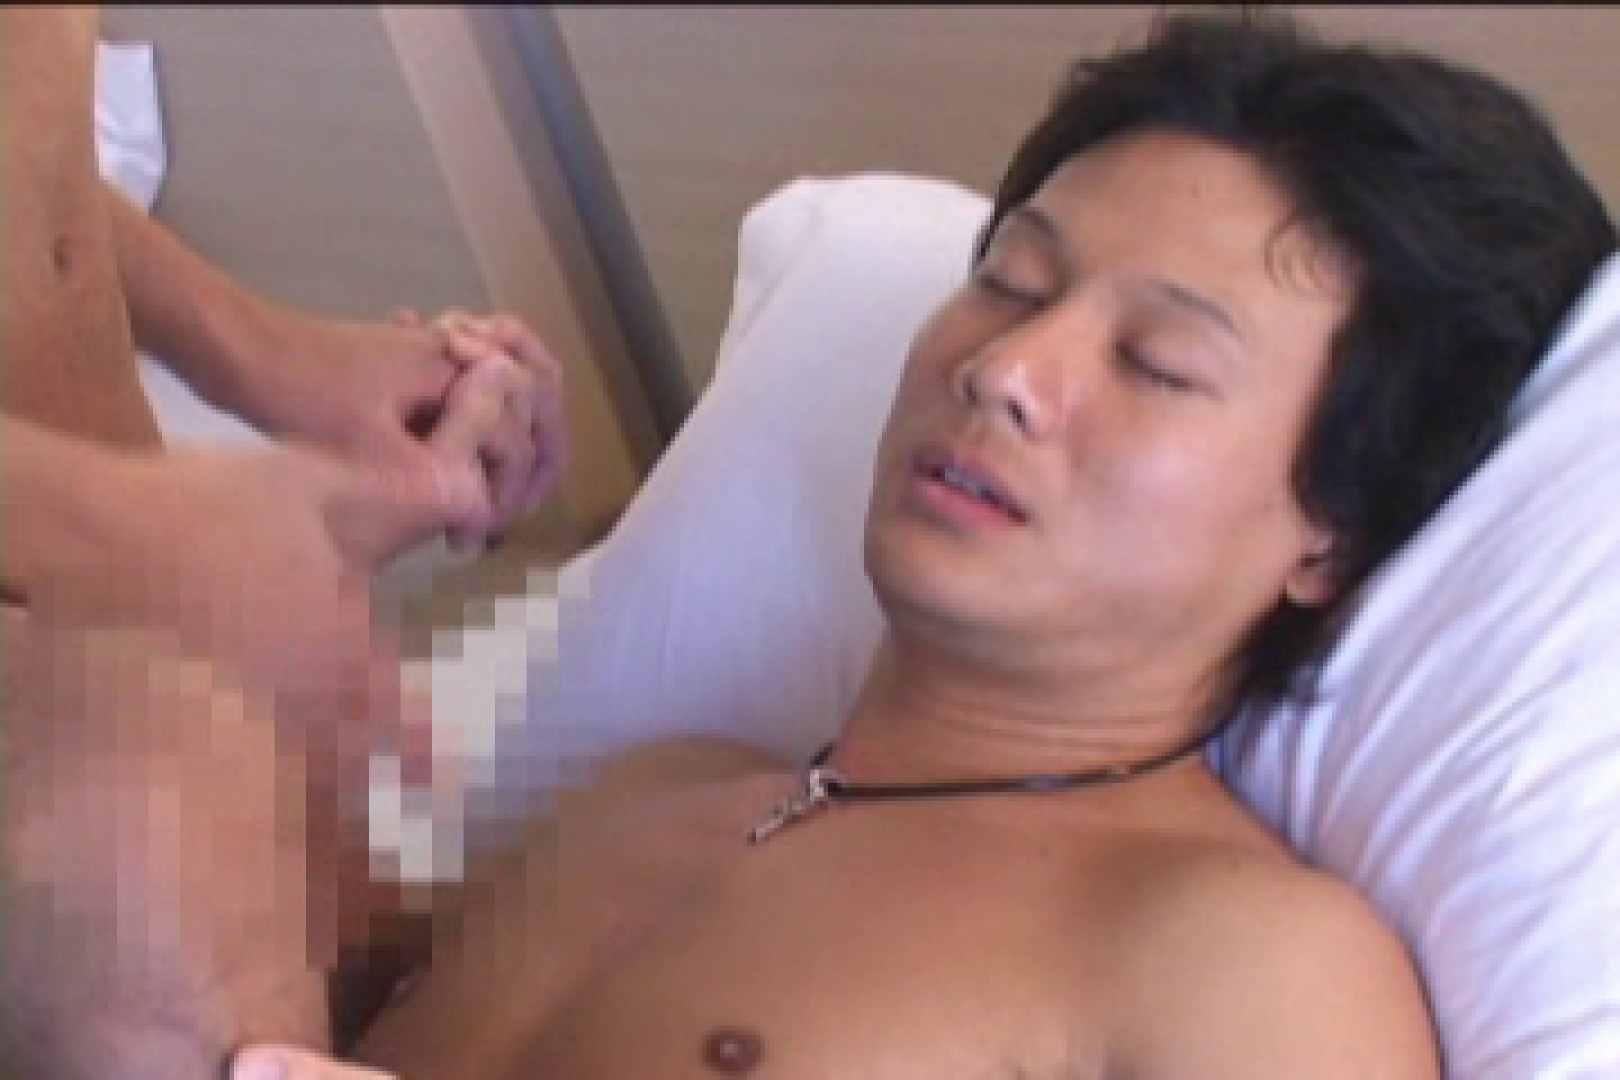 イケメンキラキラ列伝!02 フェラシーン ゲイ無修正動画画像 74枚 19